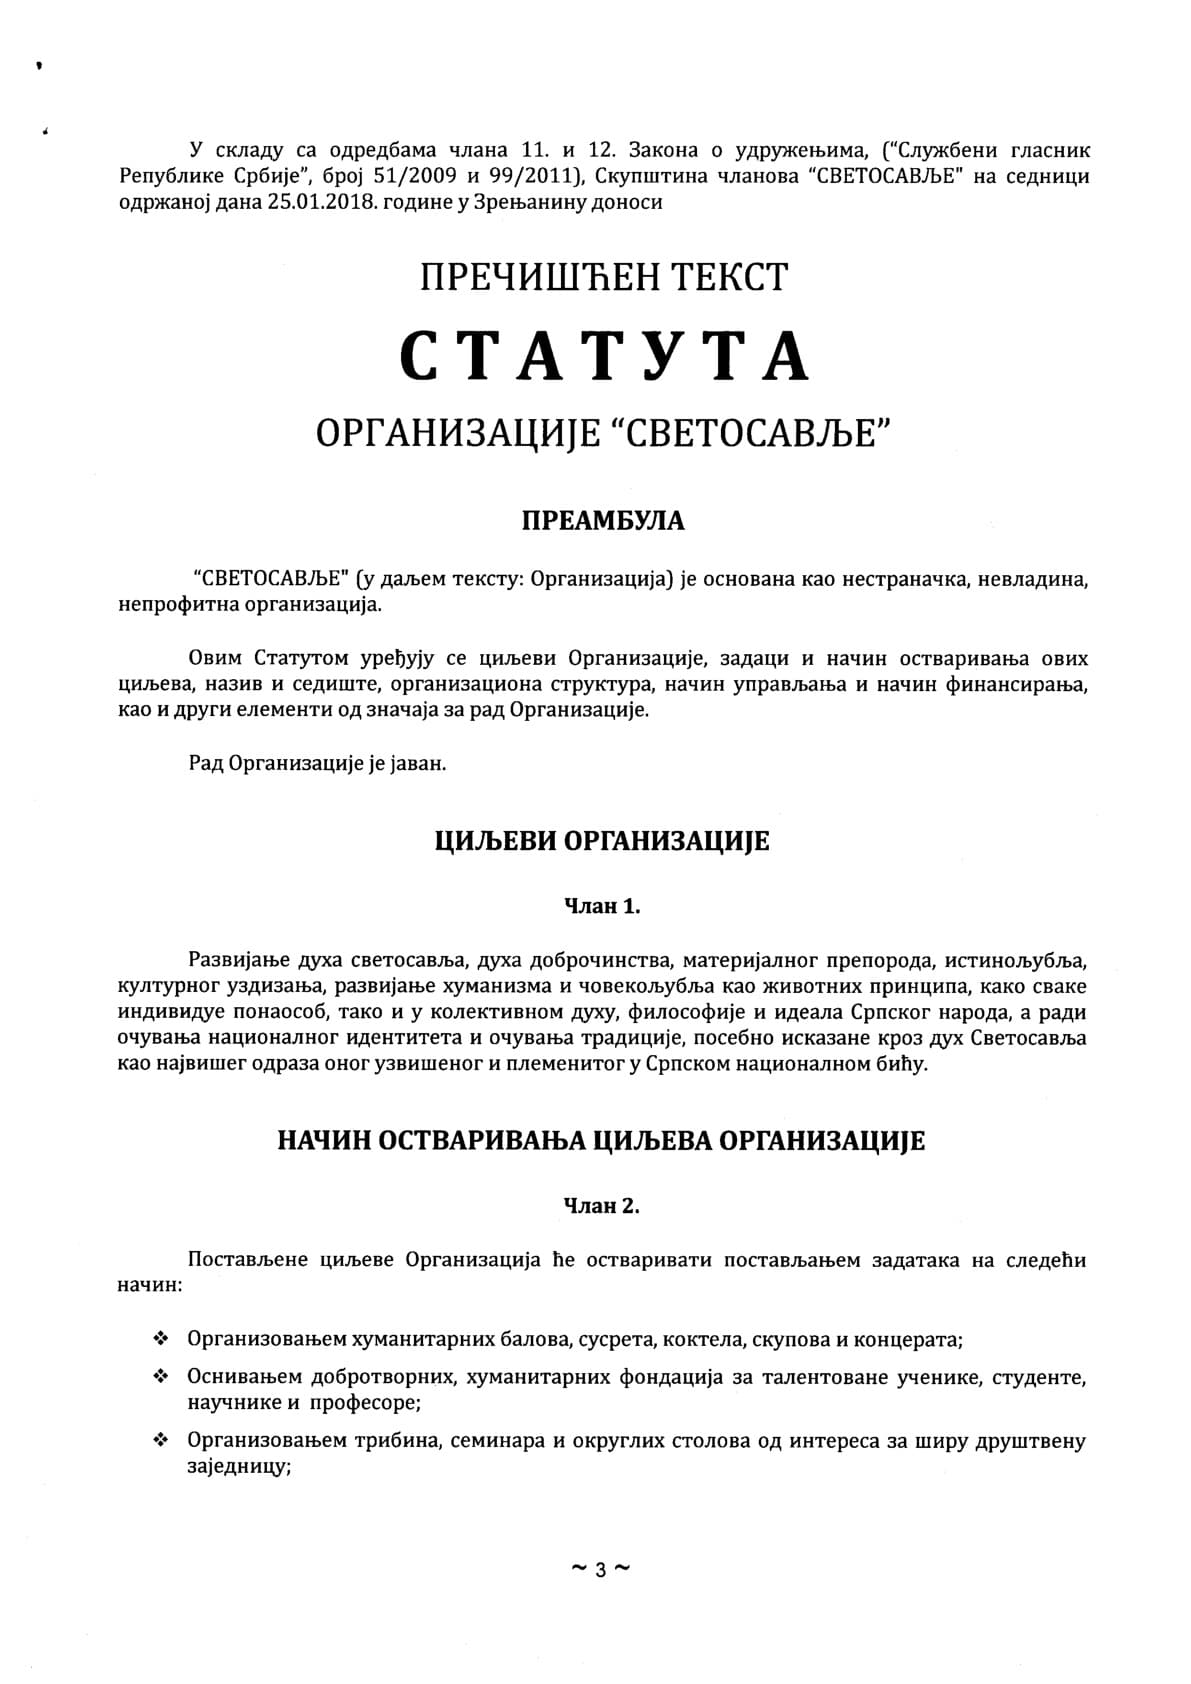 Statut Svetosavlja Januar 2018 2